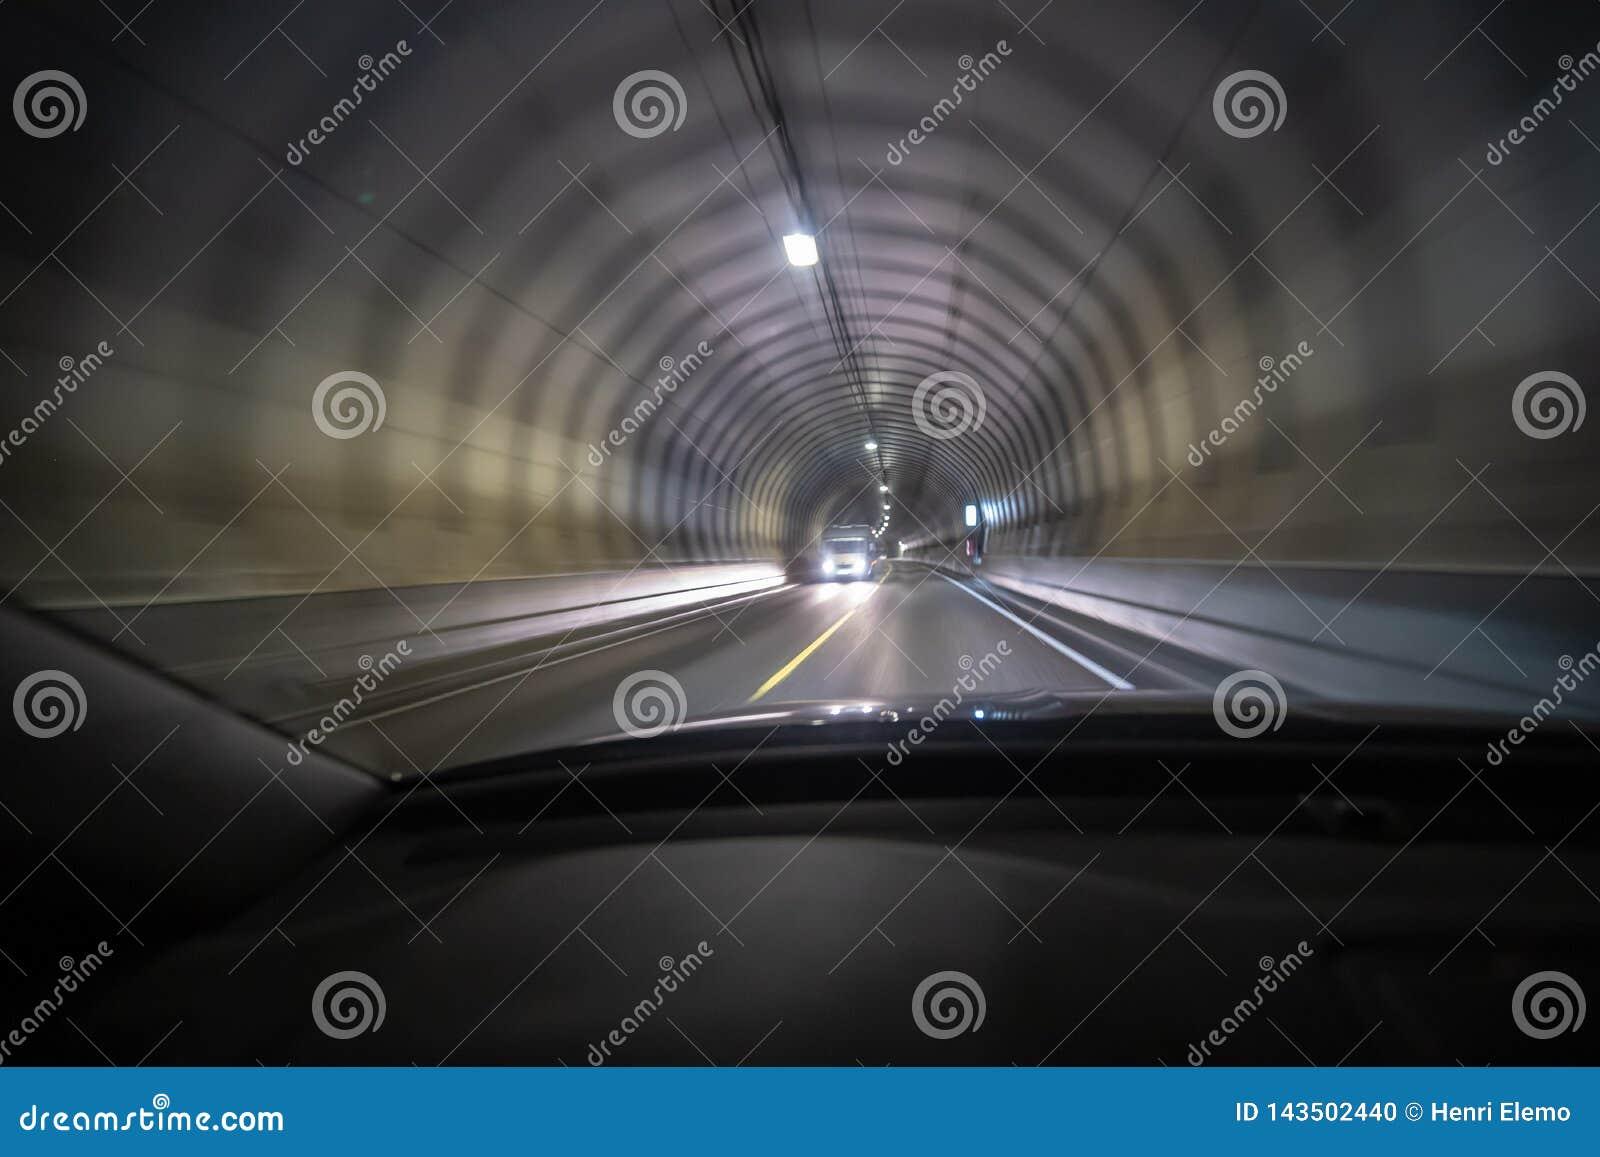 El tiro largo de la exposición del túnel en Lofoten por dentro de un coche que esté moviendo tan la luz crea efecto de la visión